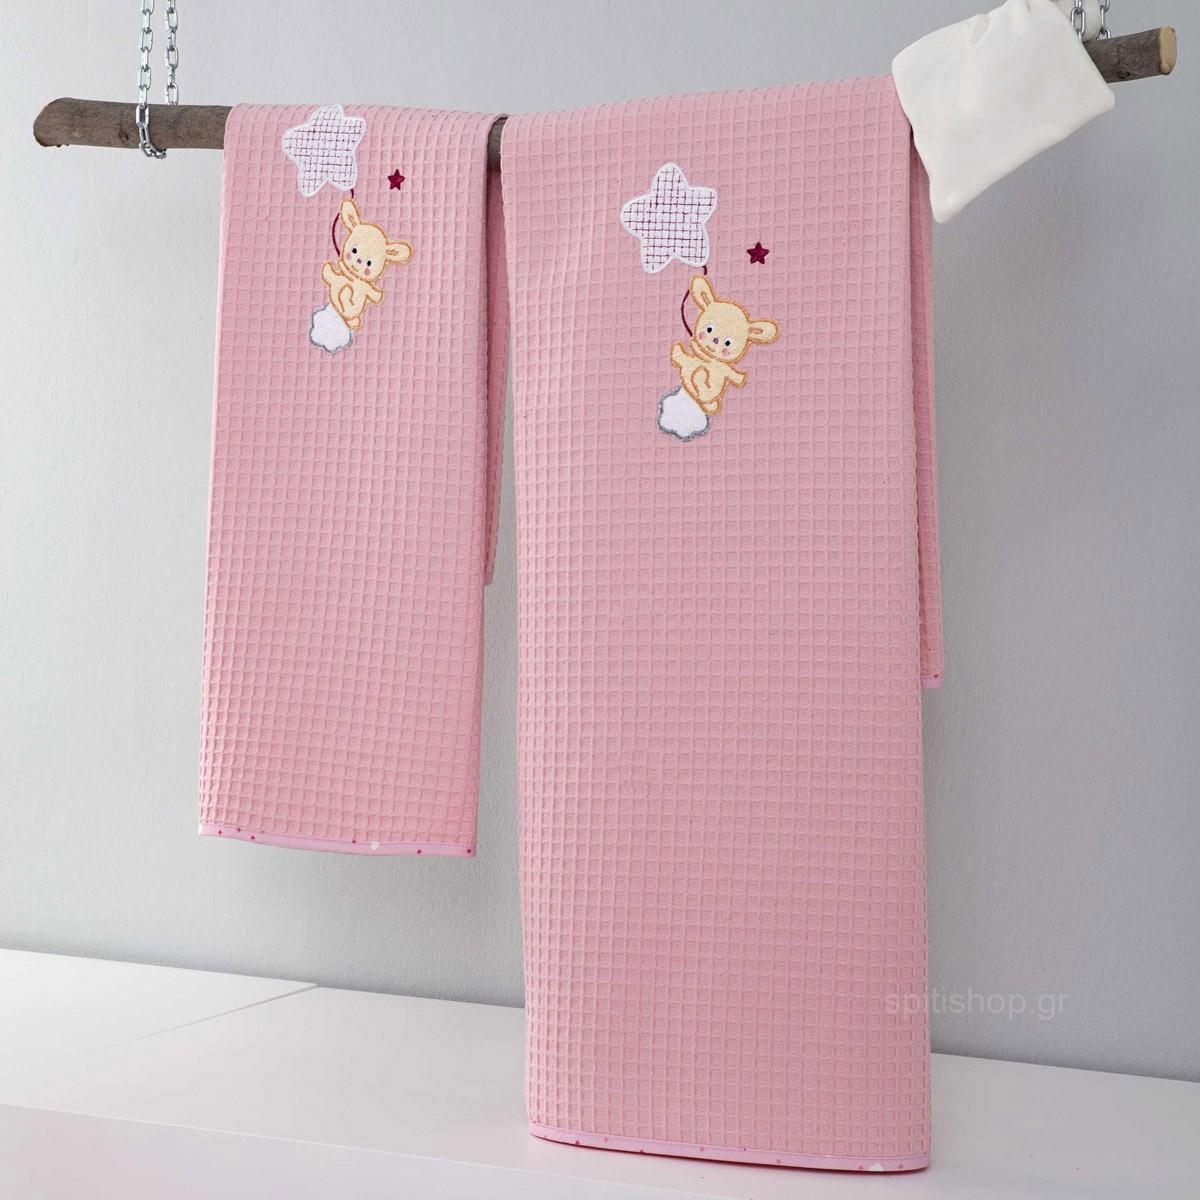 Κουβέρτα Πικέ Αγκαλιάς Nima Baby Star Pink 89271